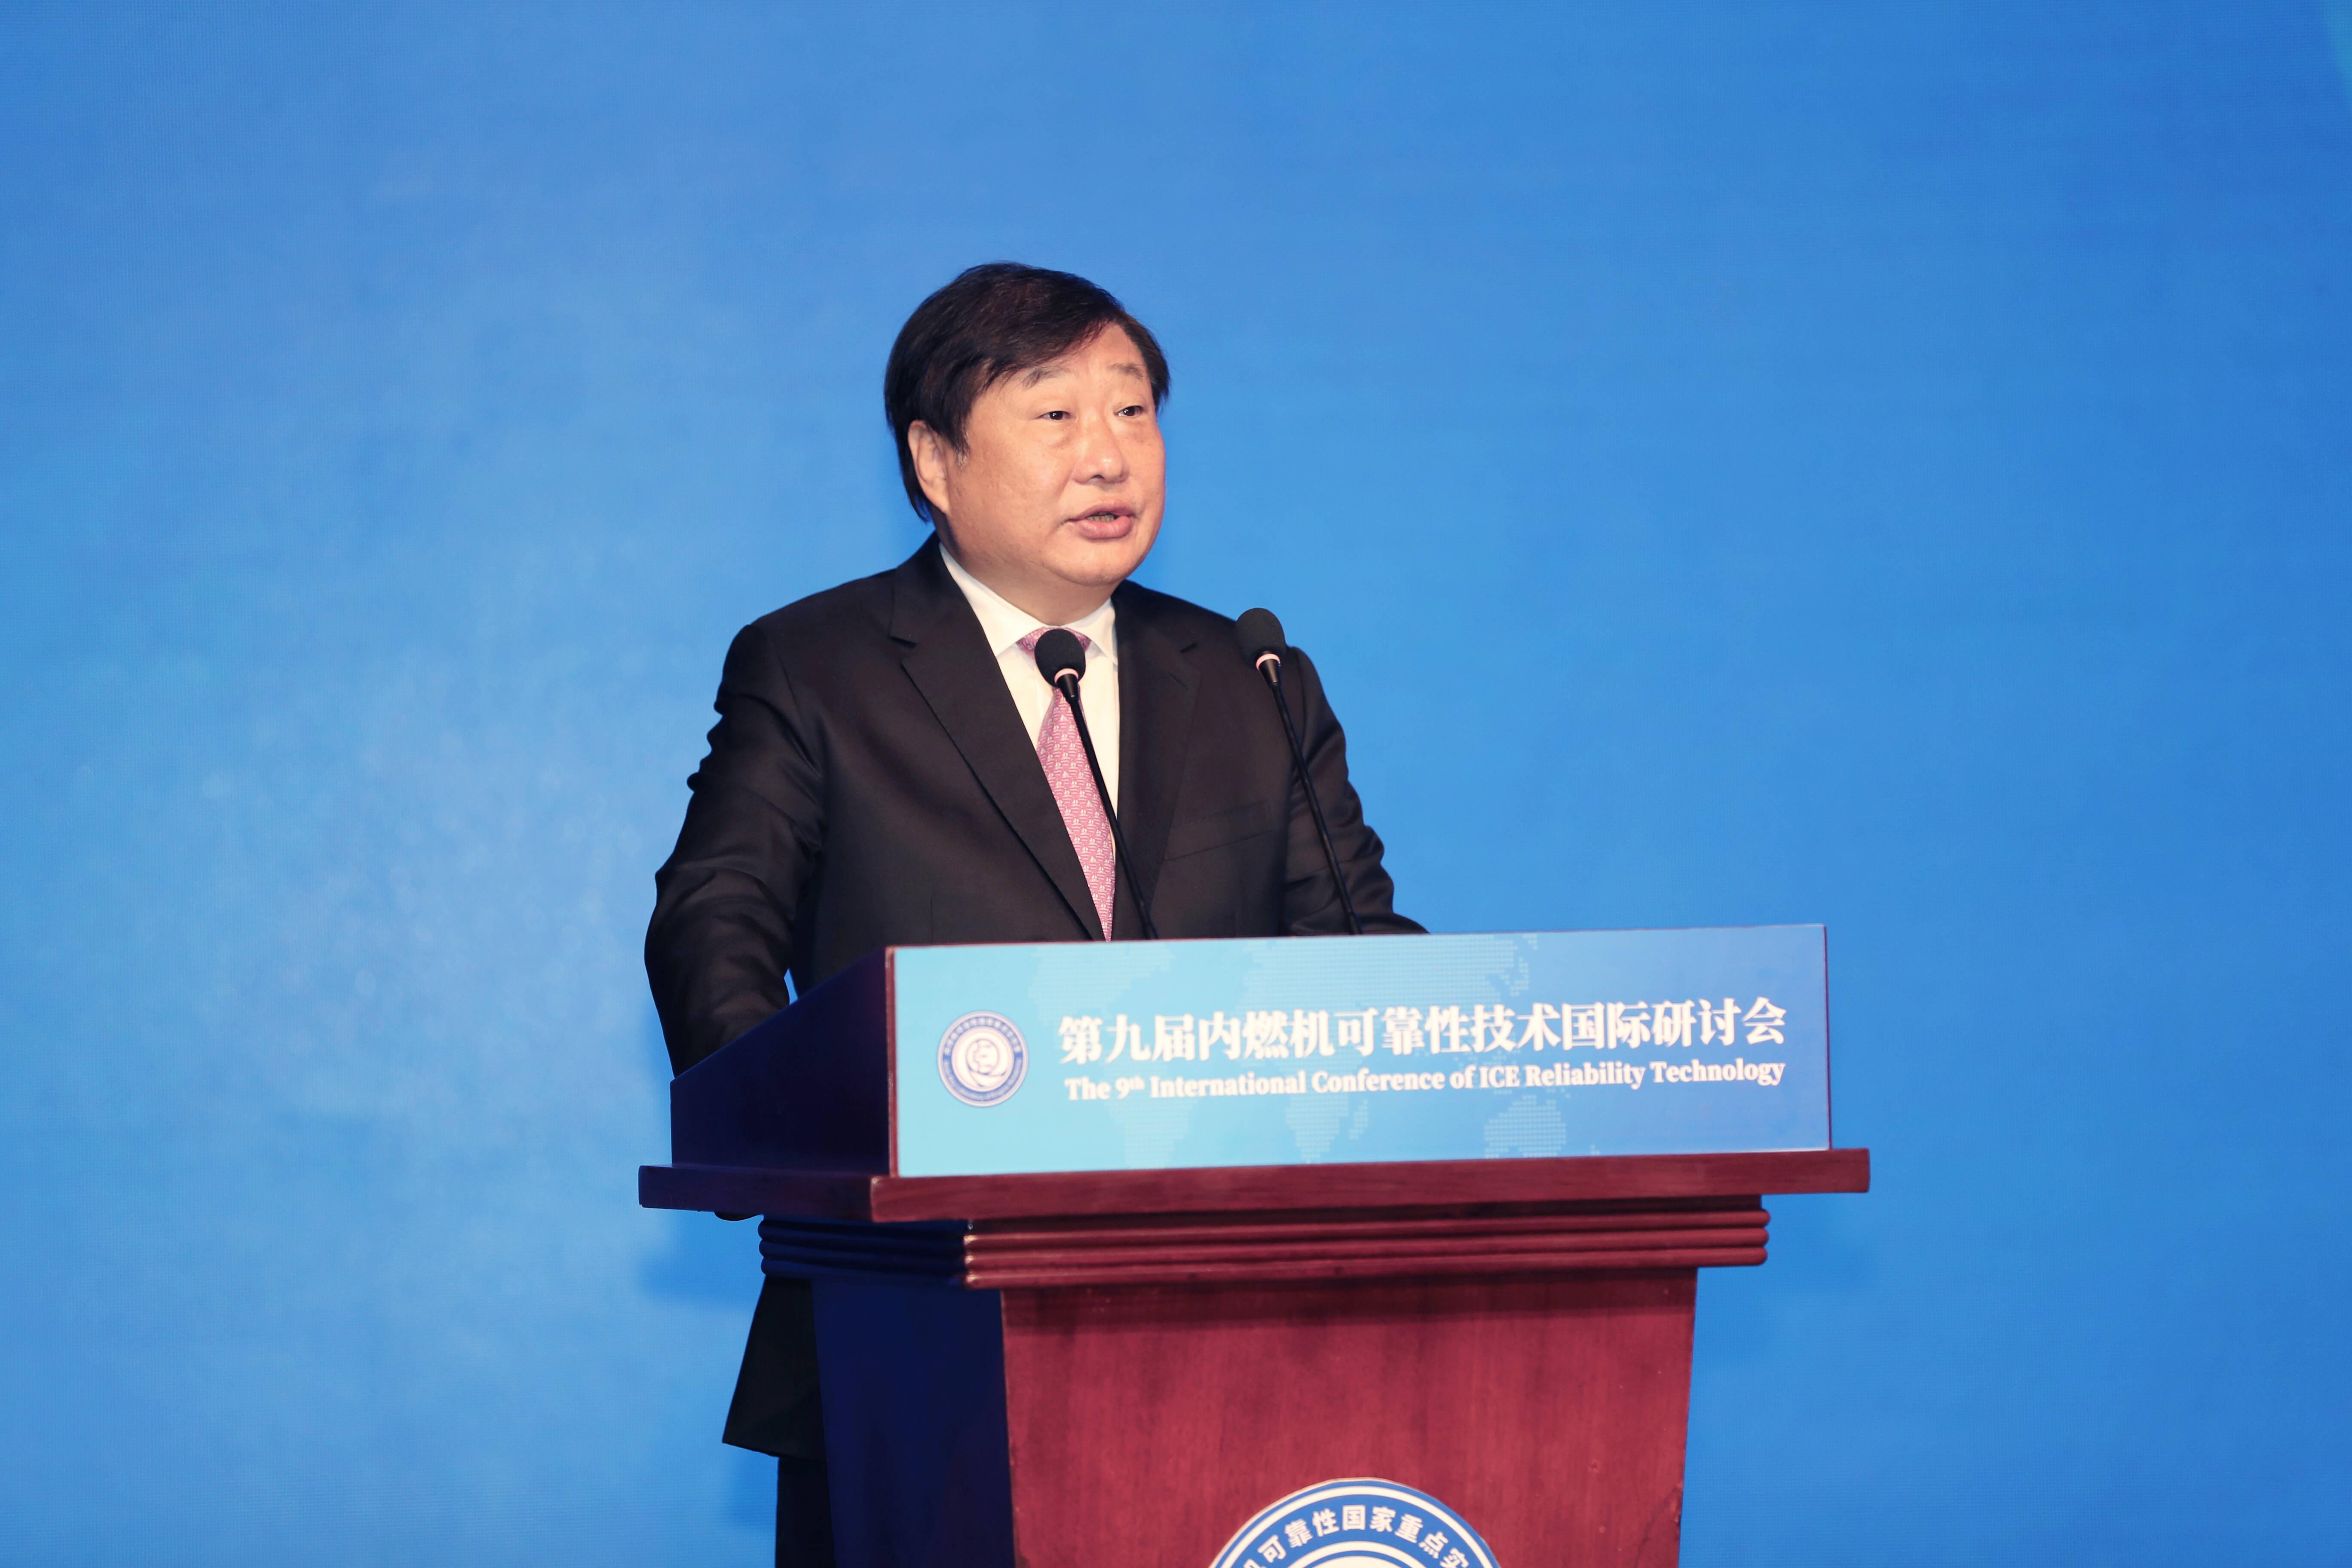 """合力攻坚内燃机可靠性技术 为中国制造业高质量发展注入""""新内涵""""——第九届内燃机可靠性技术国际研讨会在济南召开"""